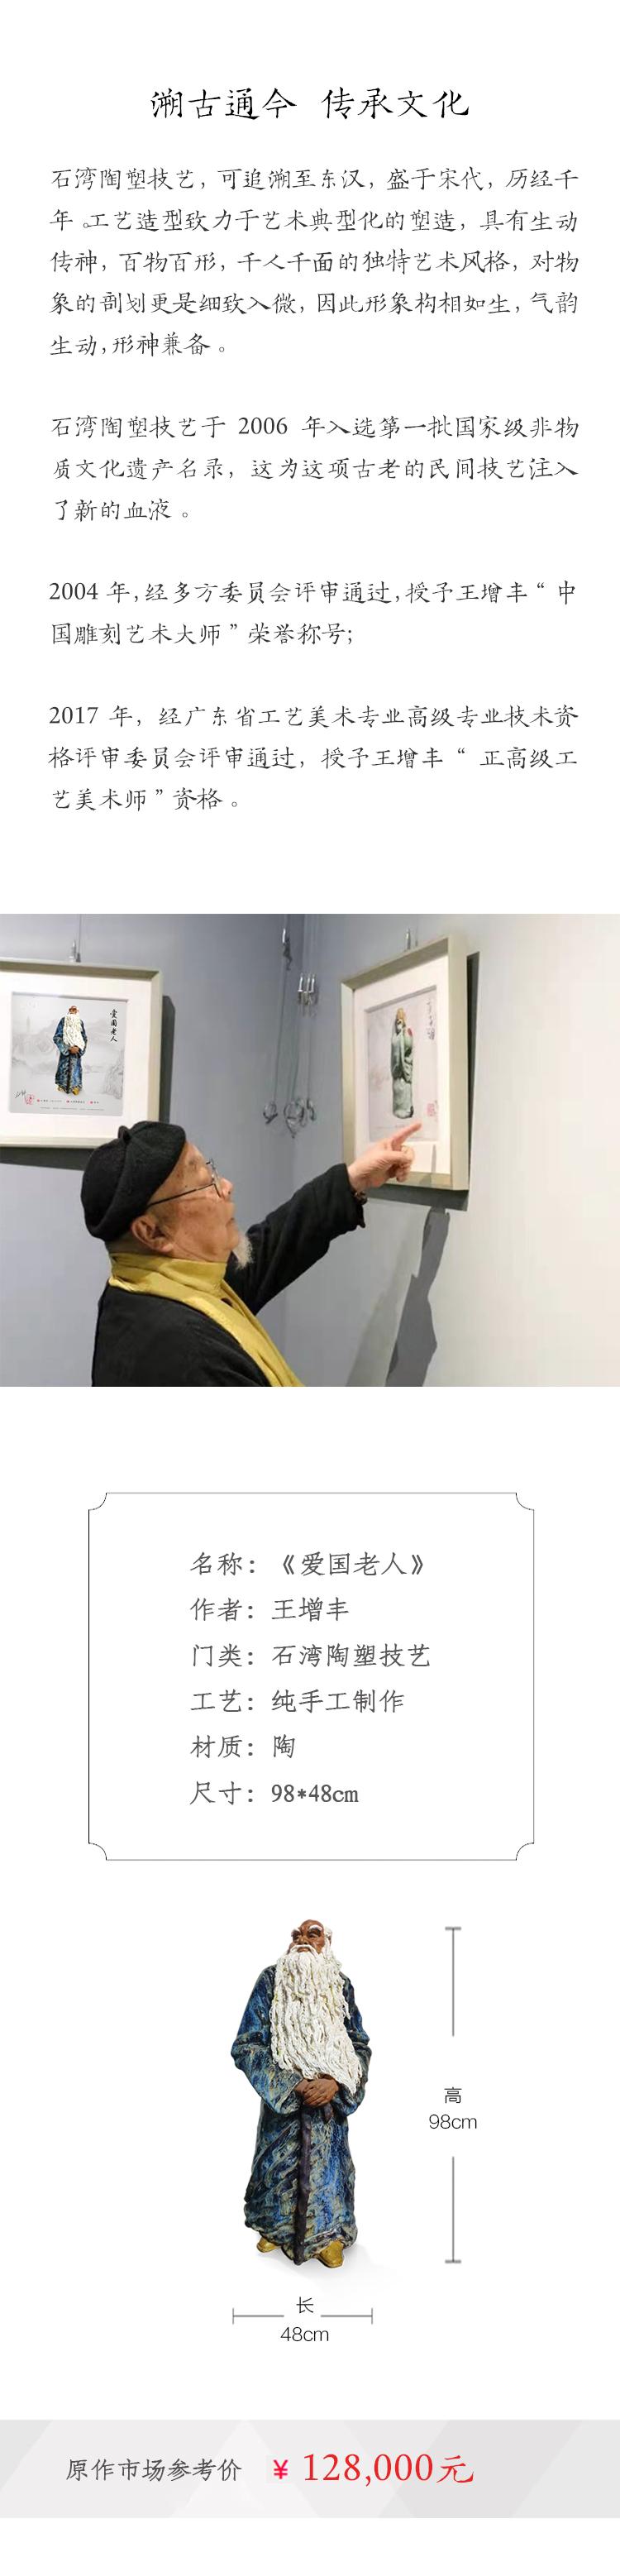 王增丰-爱国老人_03.jpg